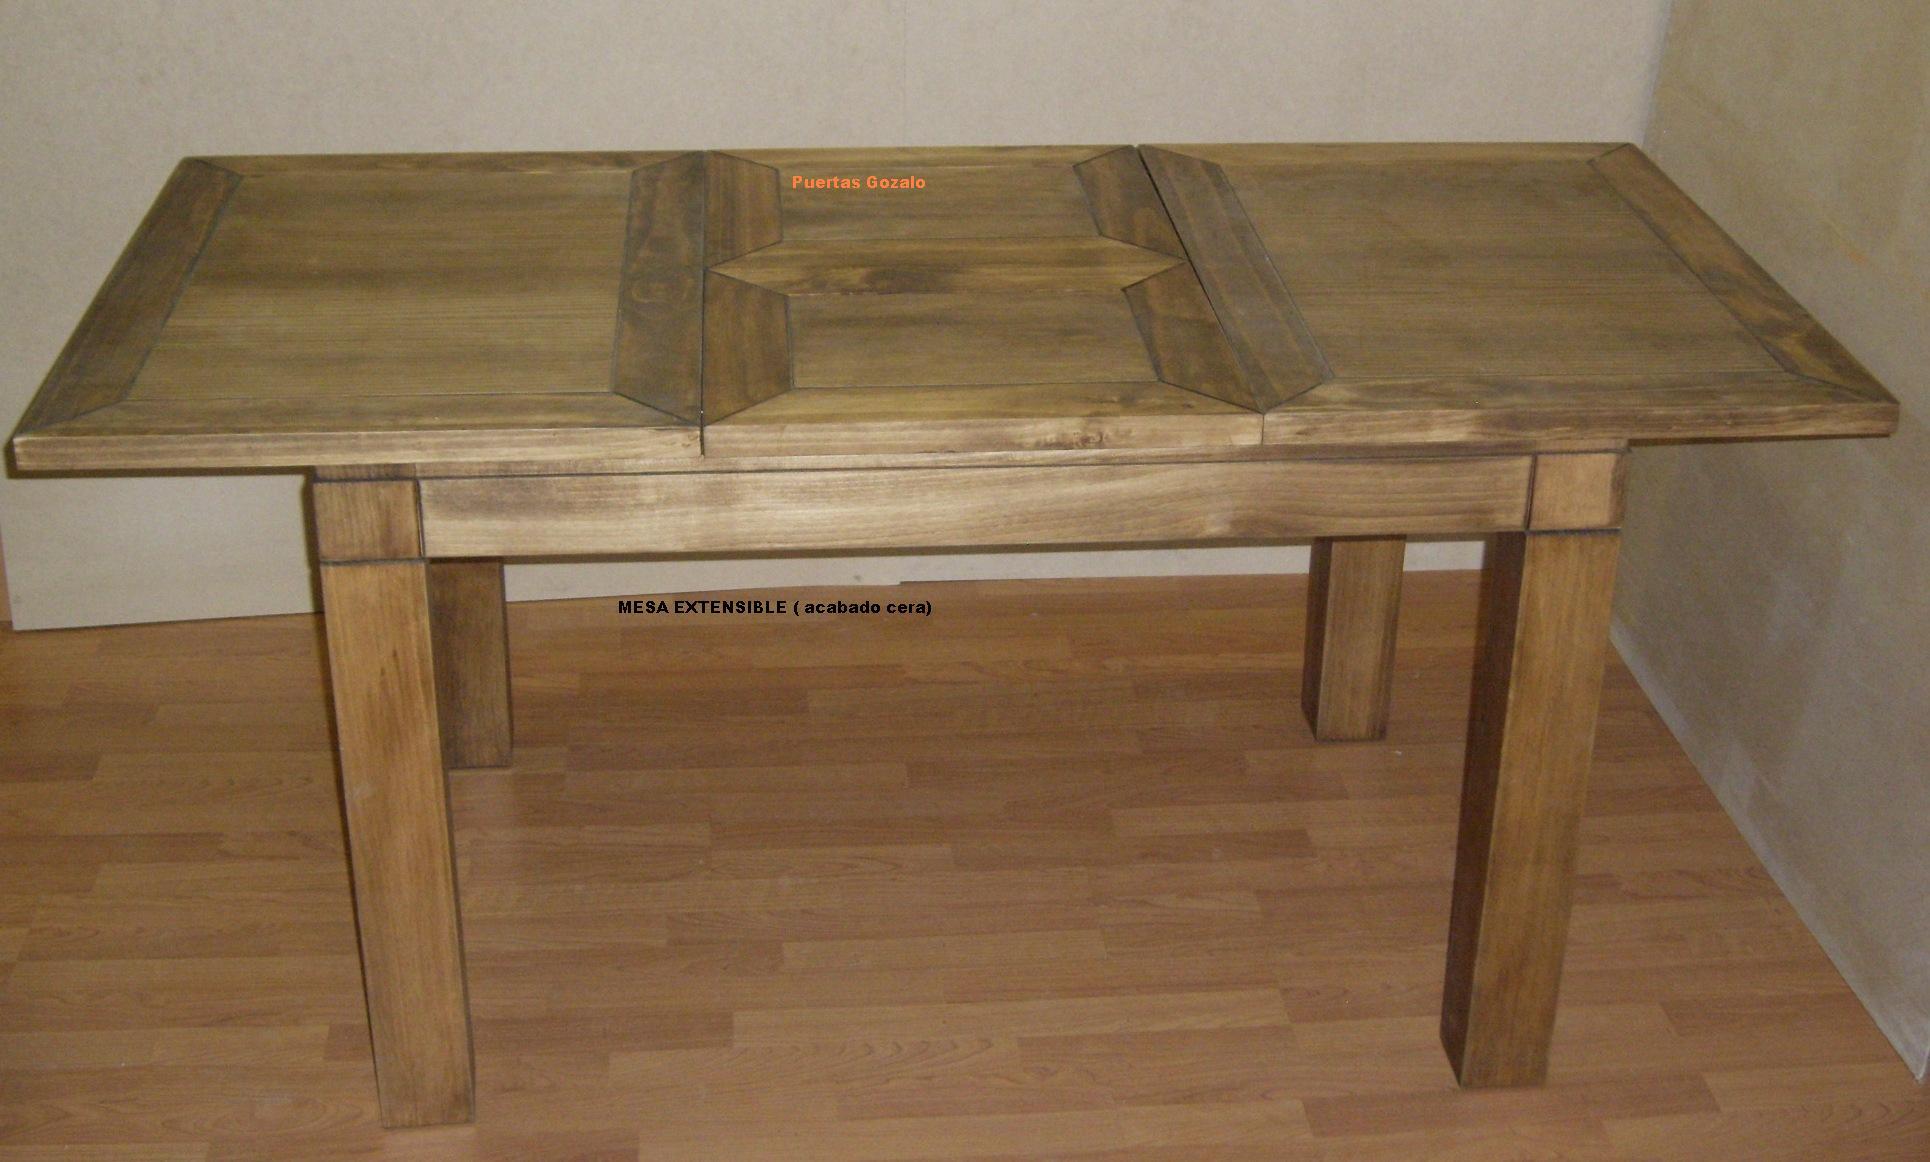 Mobiliario y decoraci n r stica puertas gozalo for Precios de mesas de cocina